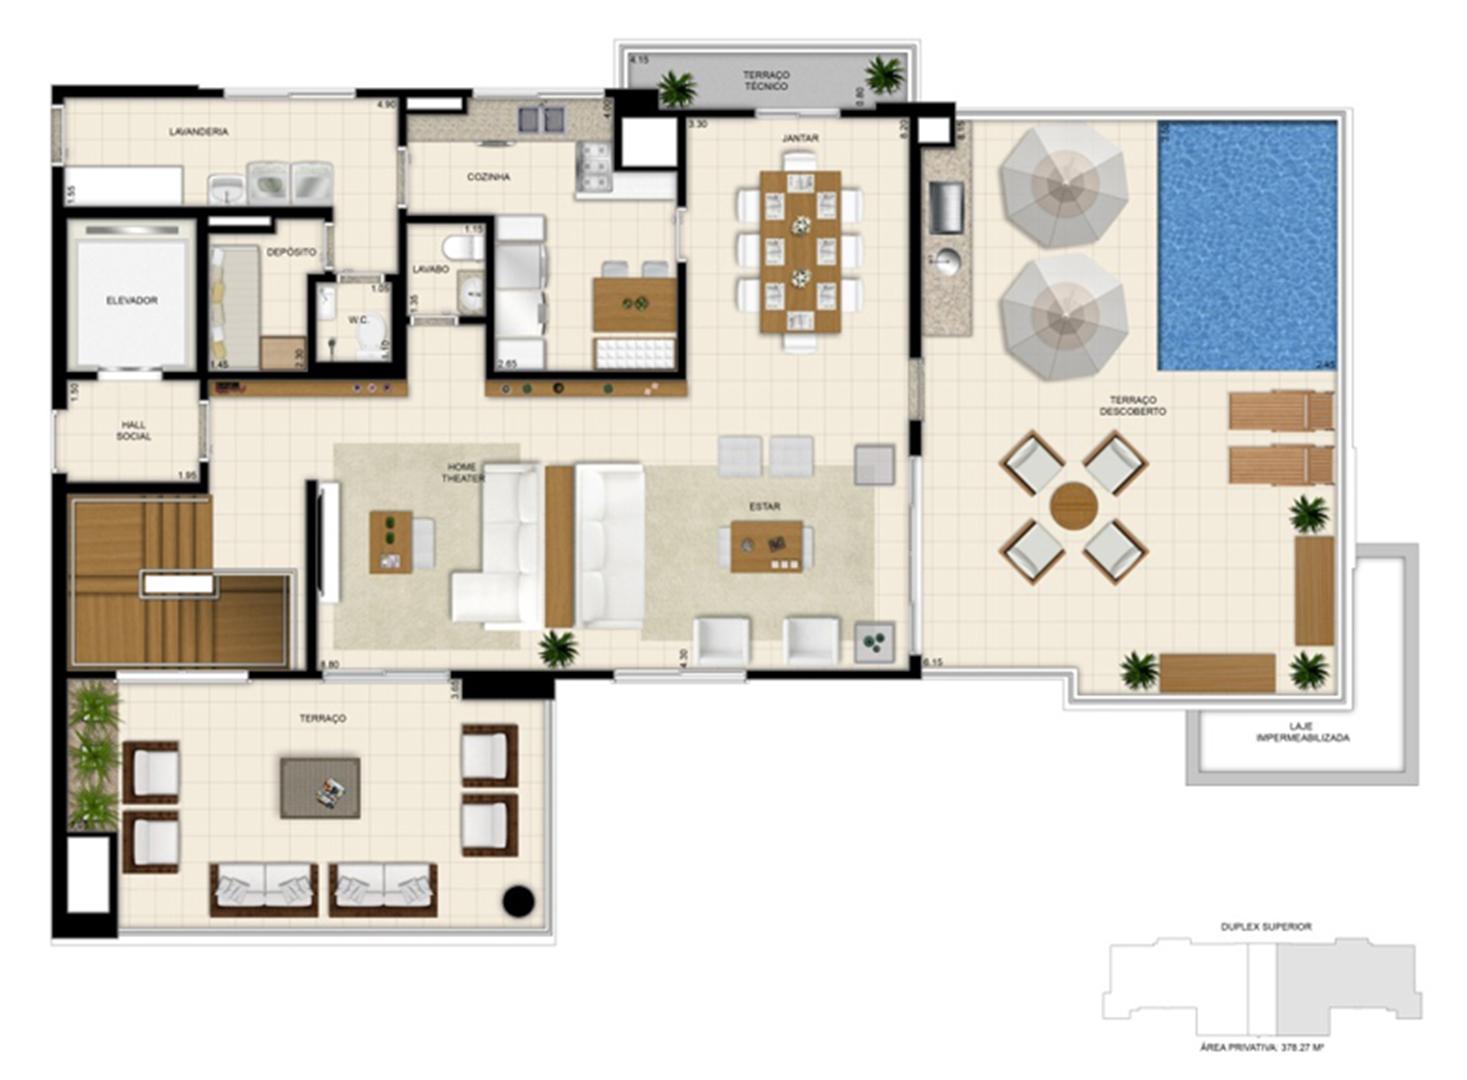 Planta tipo ilustrada do Duplex de 378m² Pavimento Superior | 395 Place – Apartamento em  Umarizal  - Belém - Pará